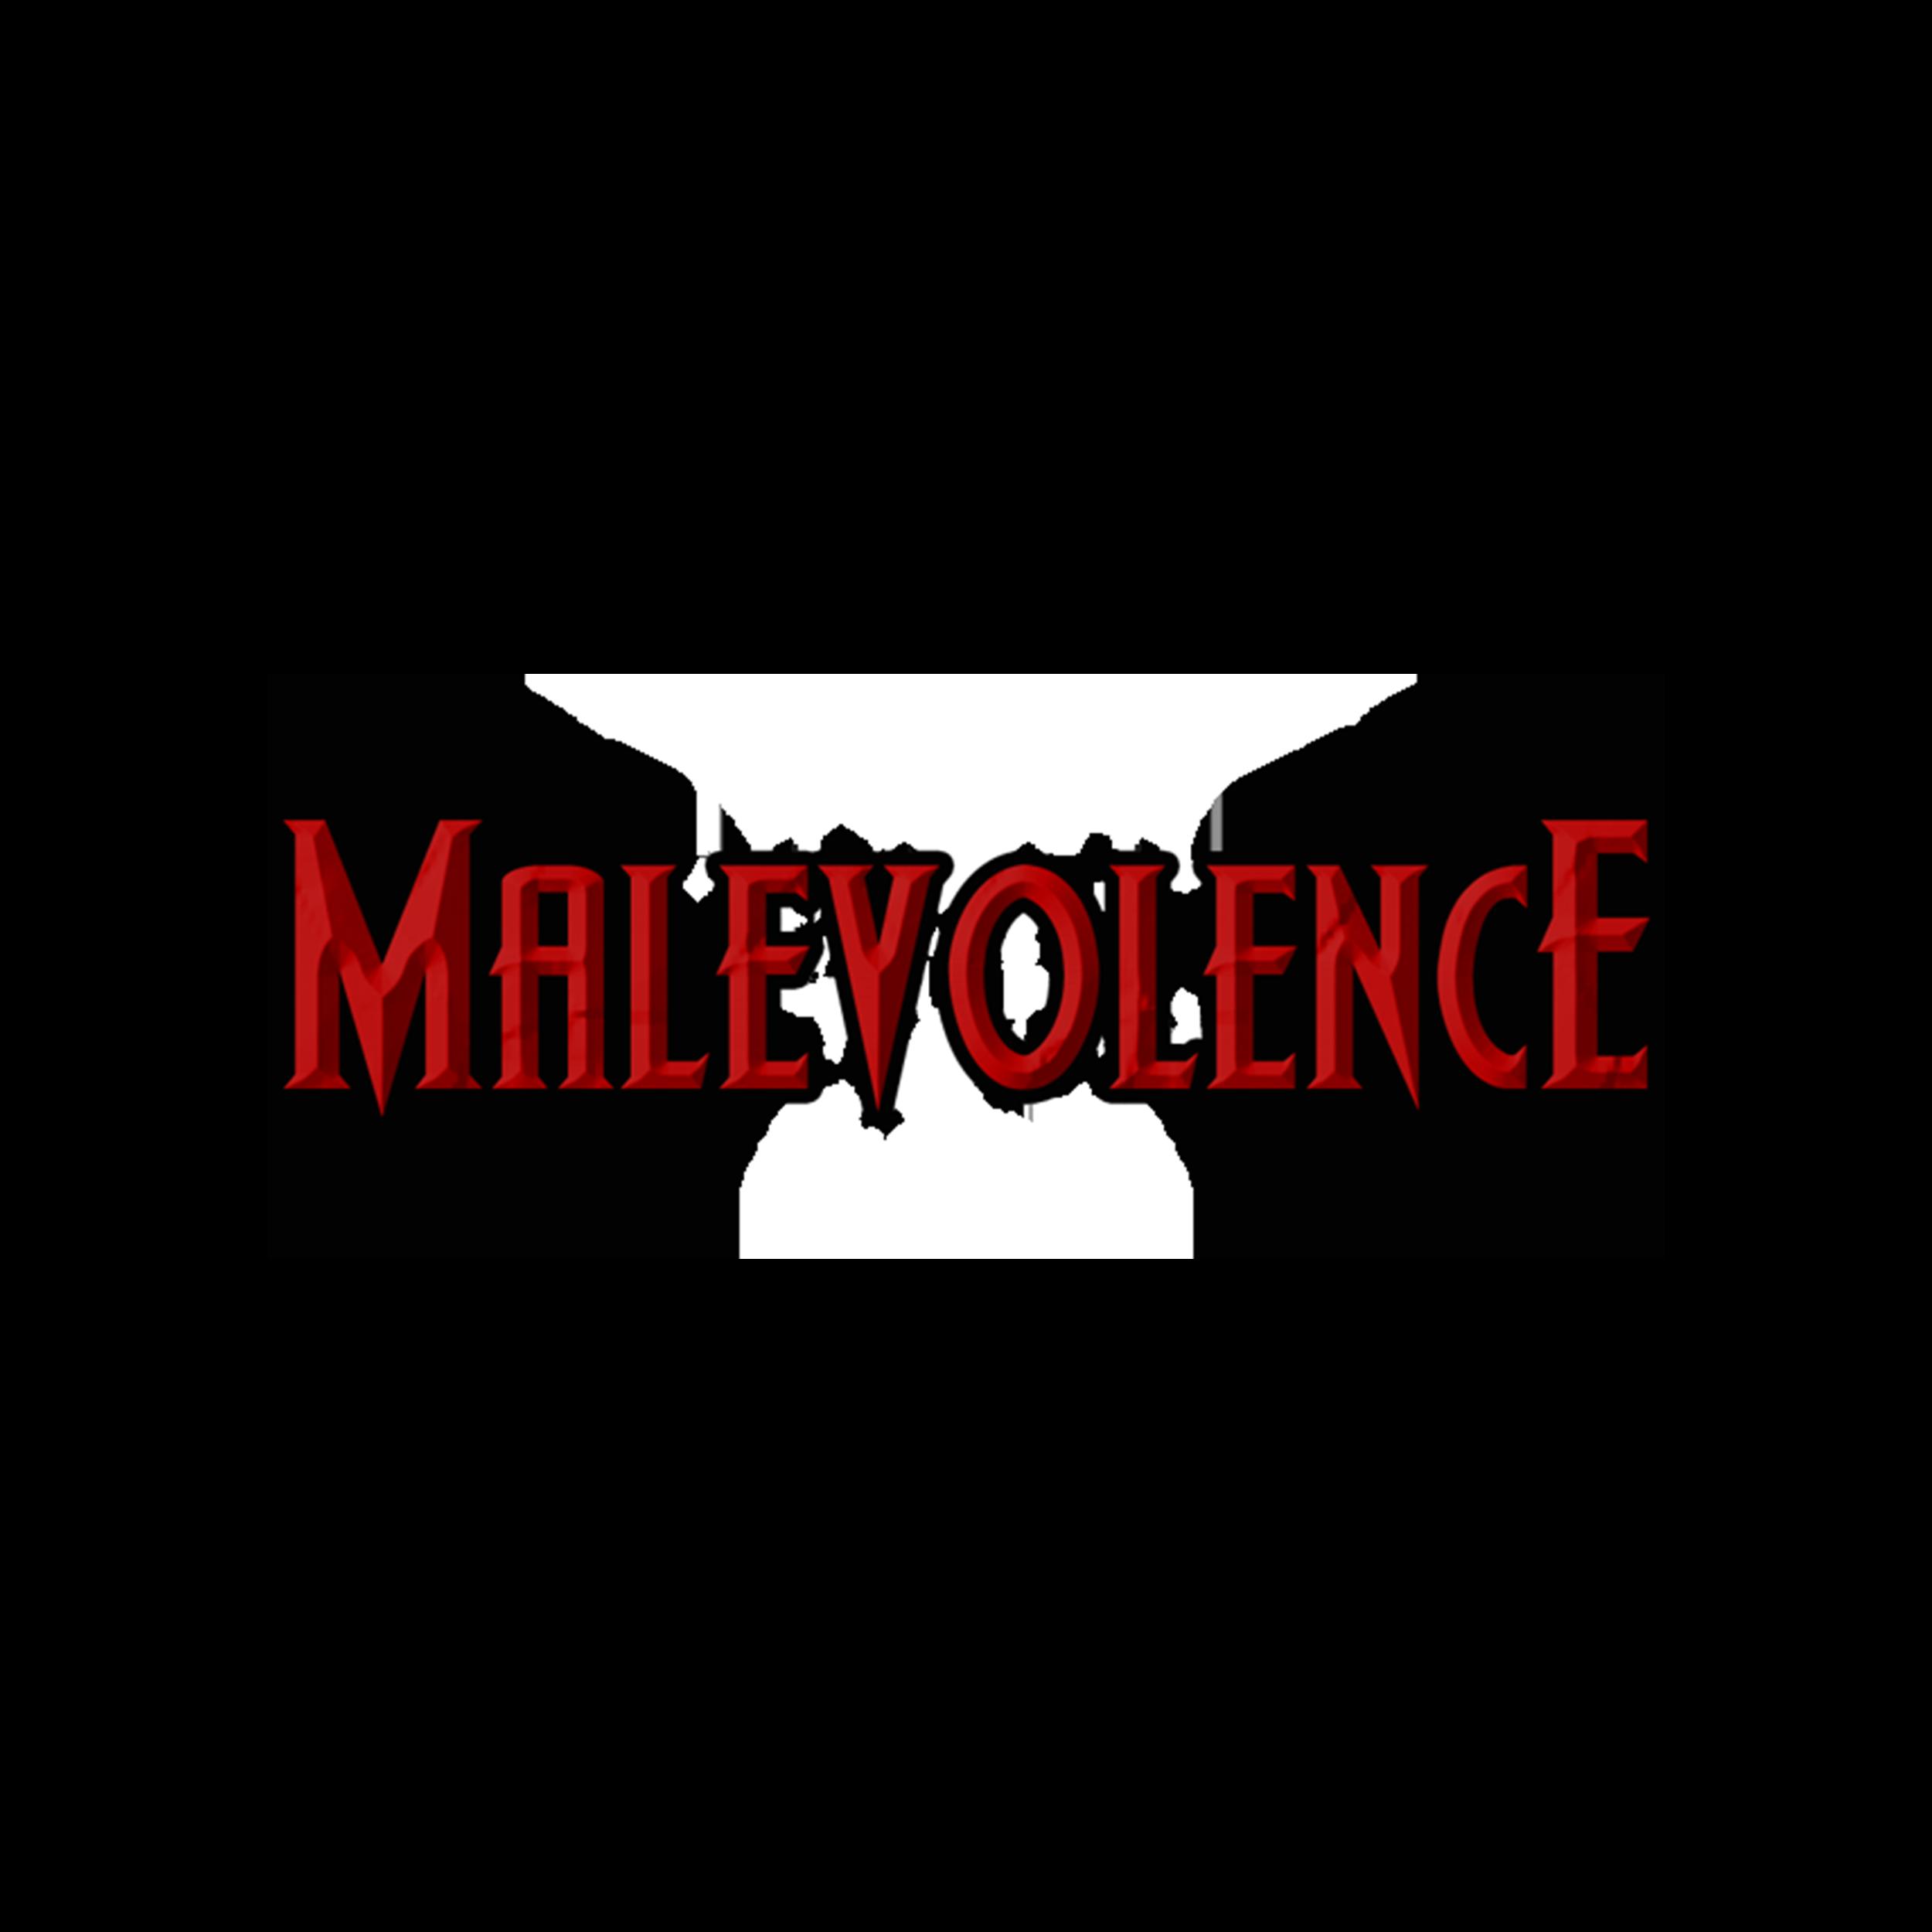 Malevolence logo